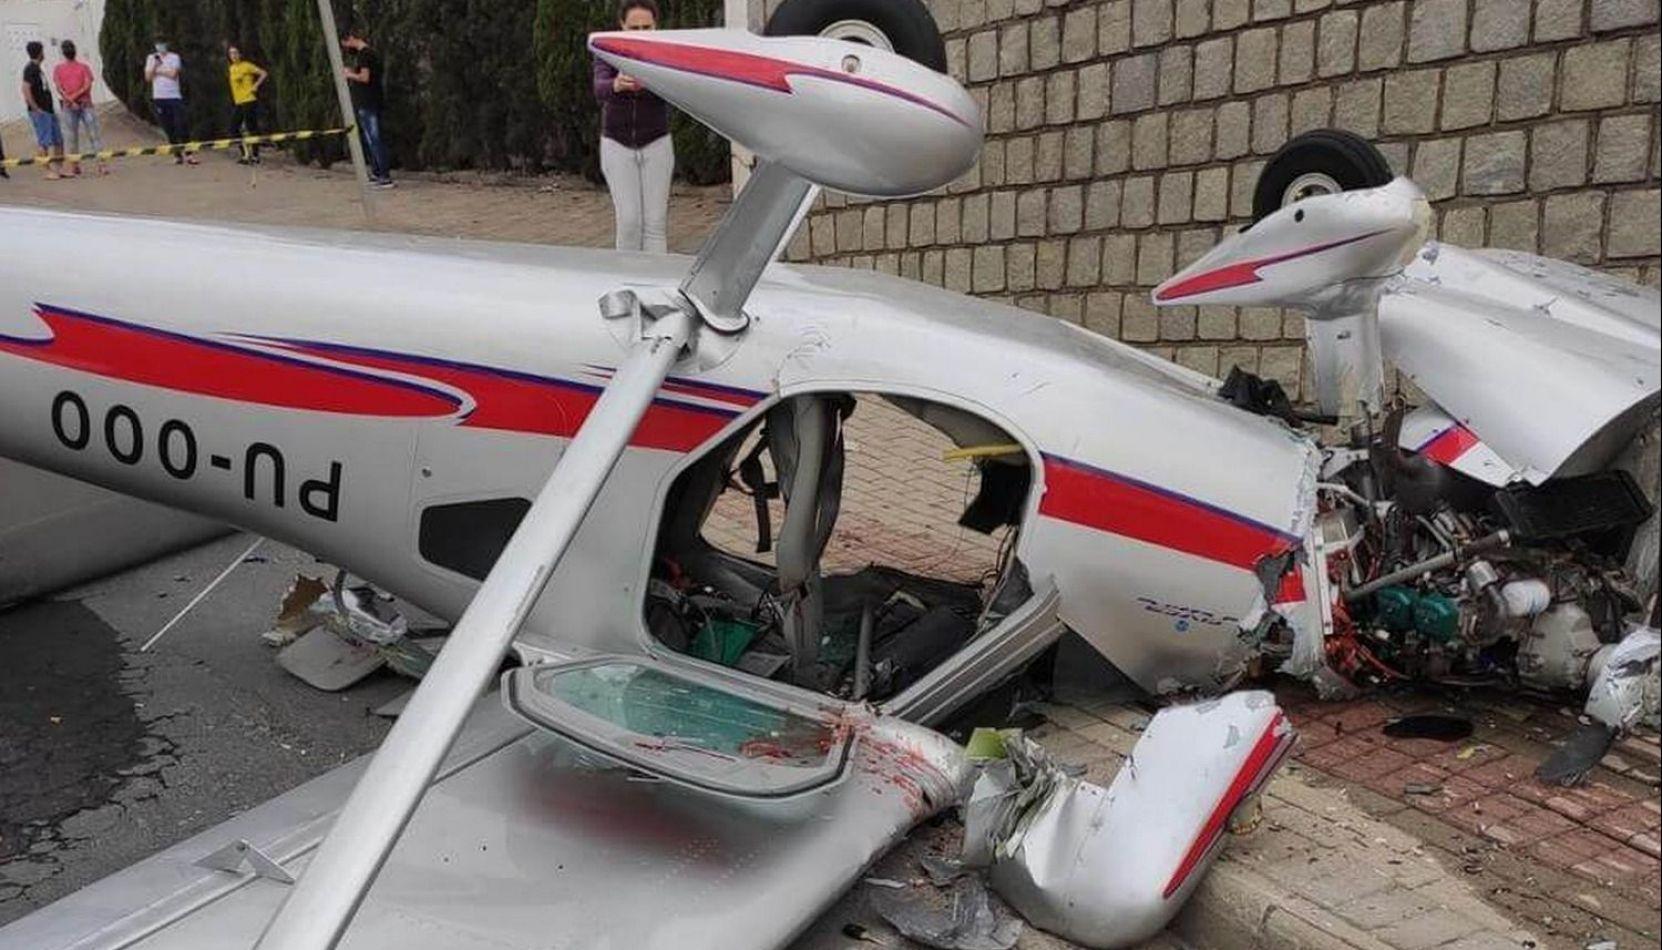 VIDEO Impresionante: una avioneta se estrelló en medio de una calle en Brasil